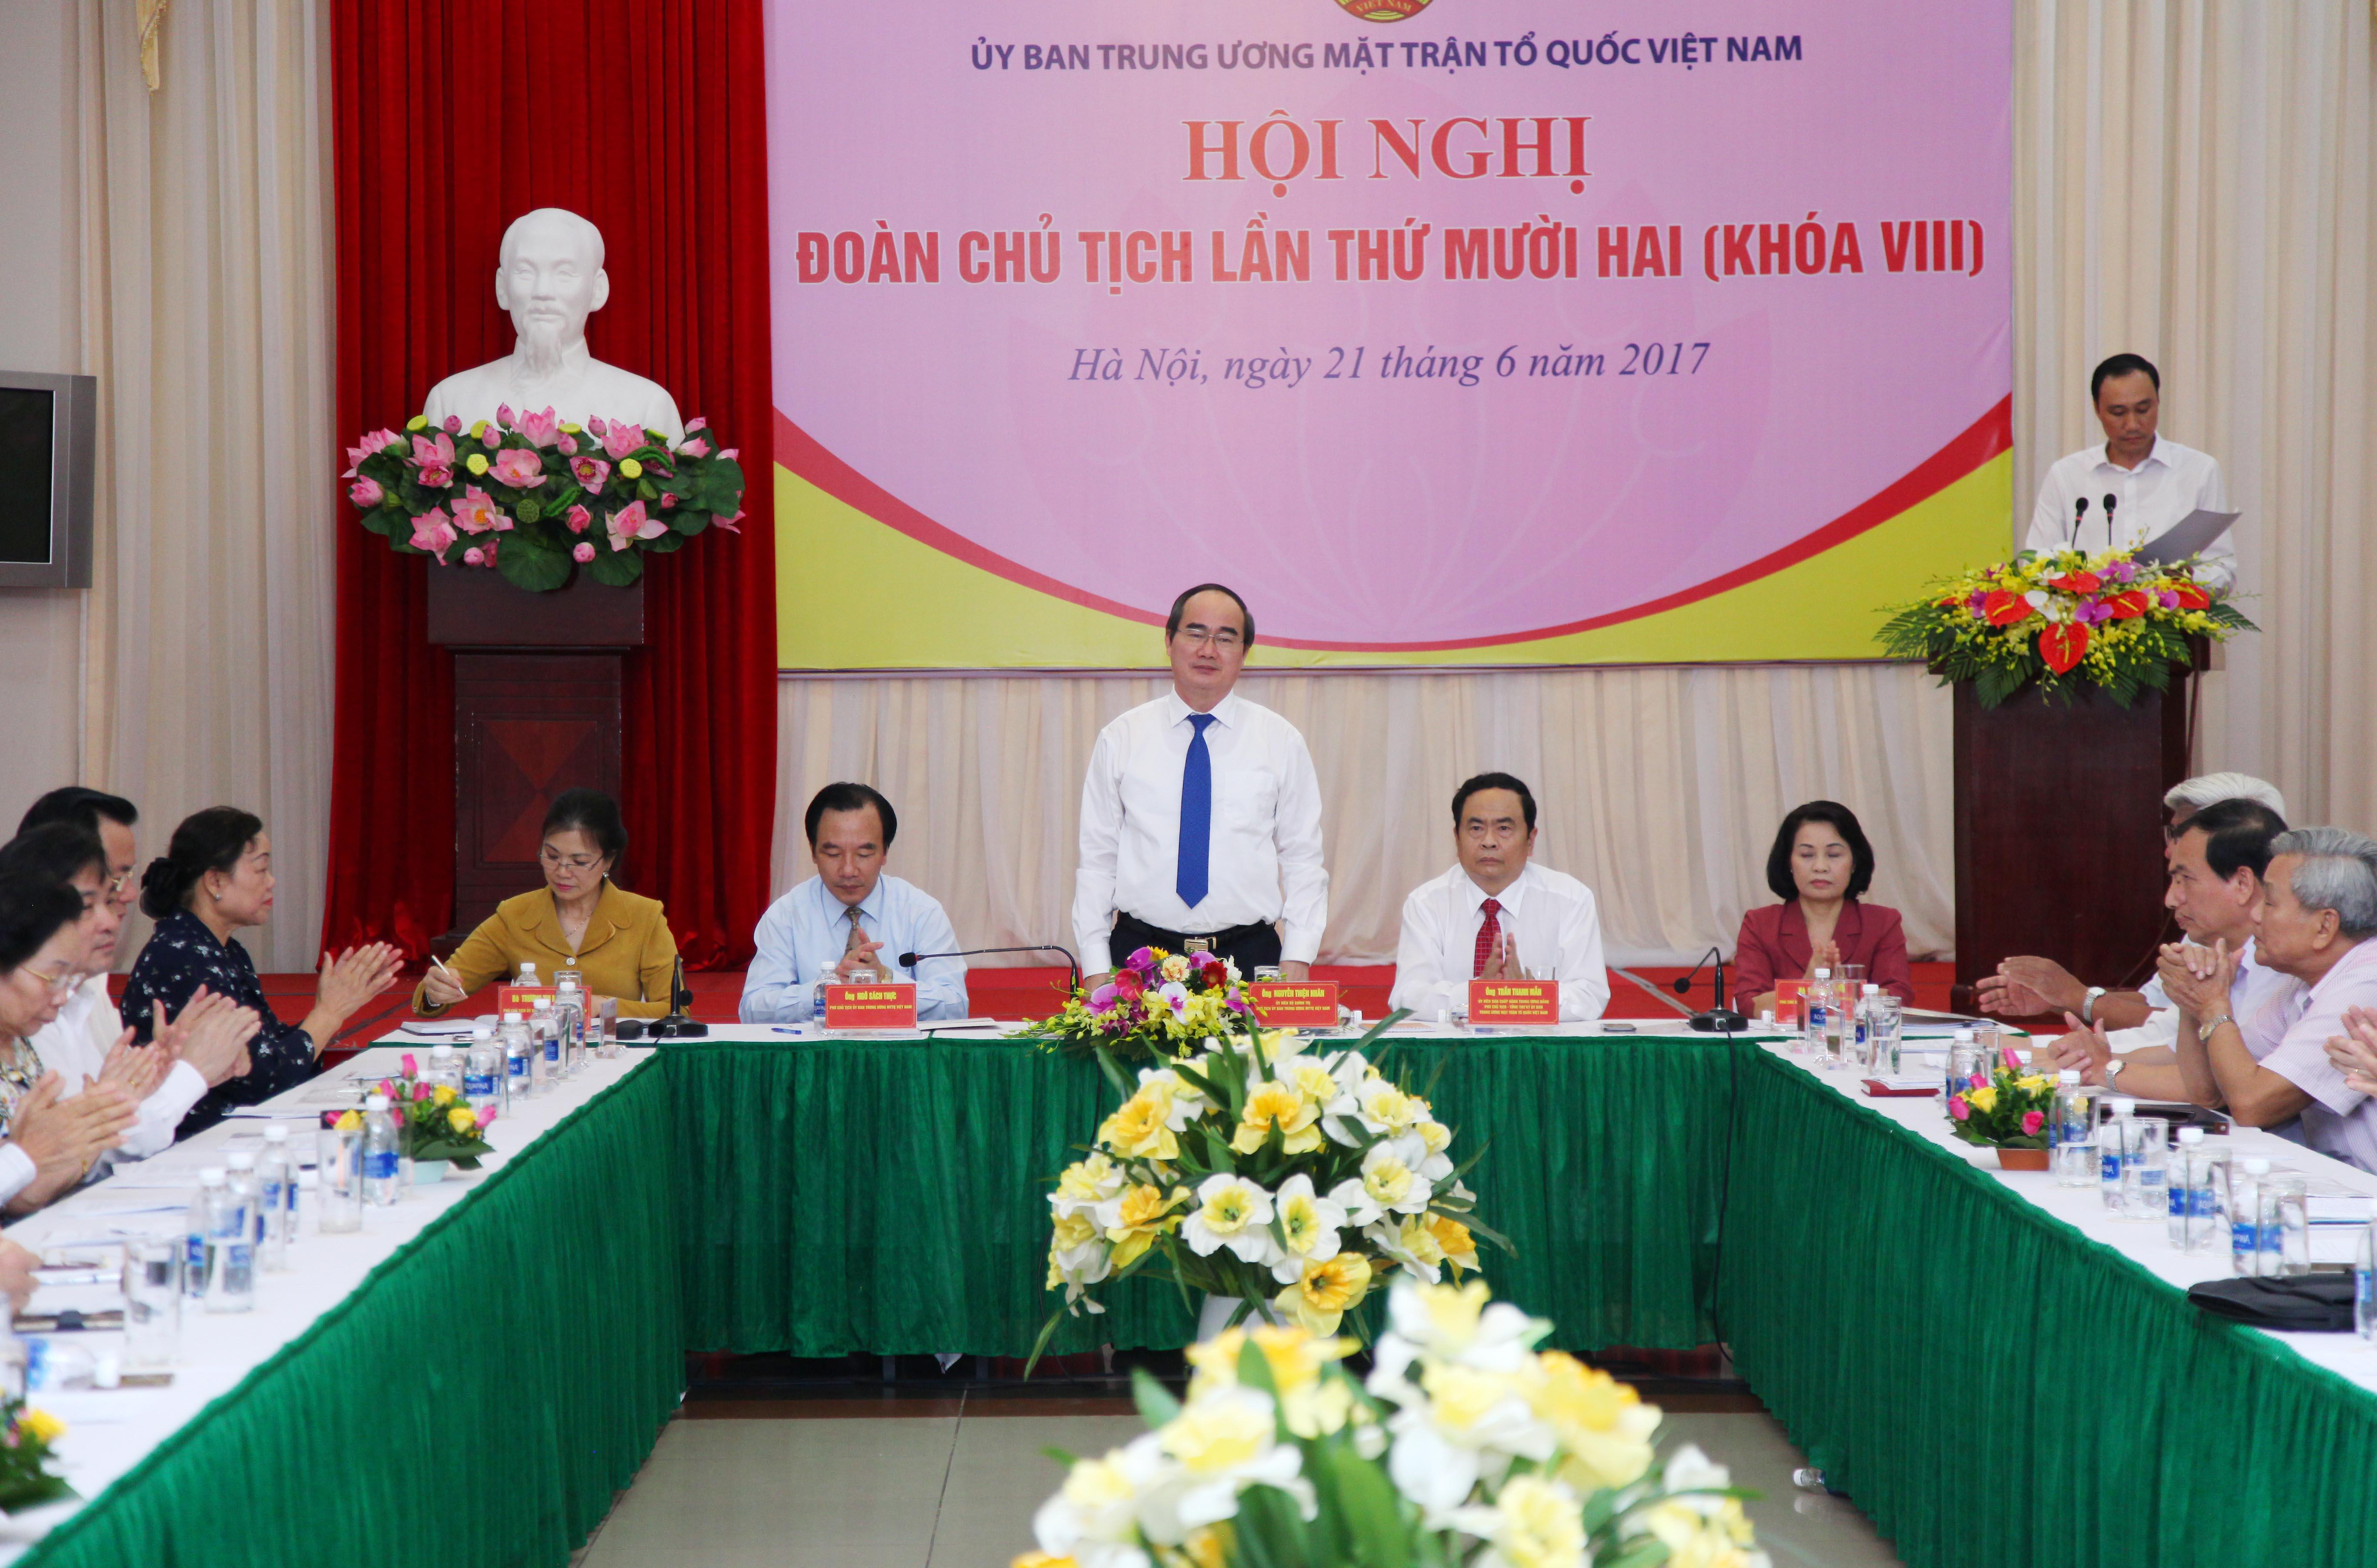 Ngày mai (22/6), Hiệp thương cử Chủ tịch Ủy ban Trung ương Mặt trận Tổ quốc Việt Nam